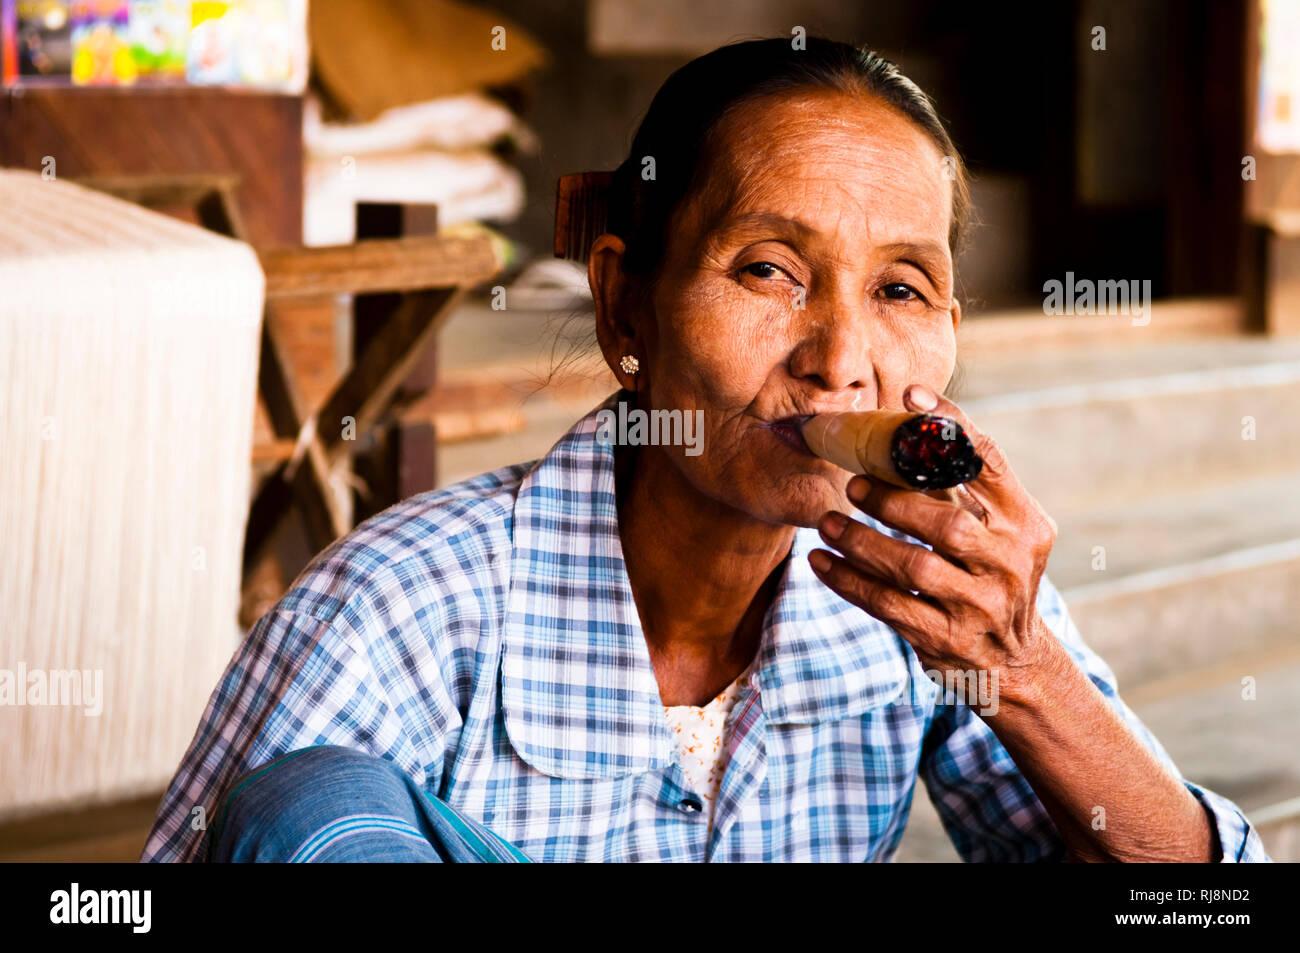 alte Frau beim Rauchen in einem Dorf in Altbagan - Stock Image